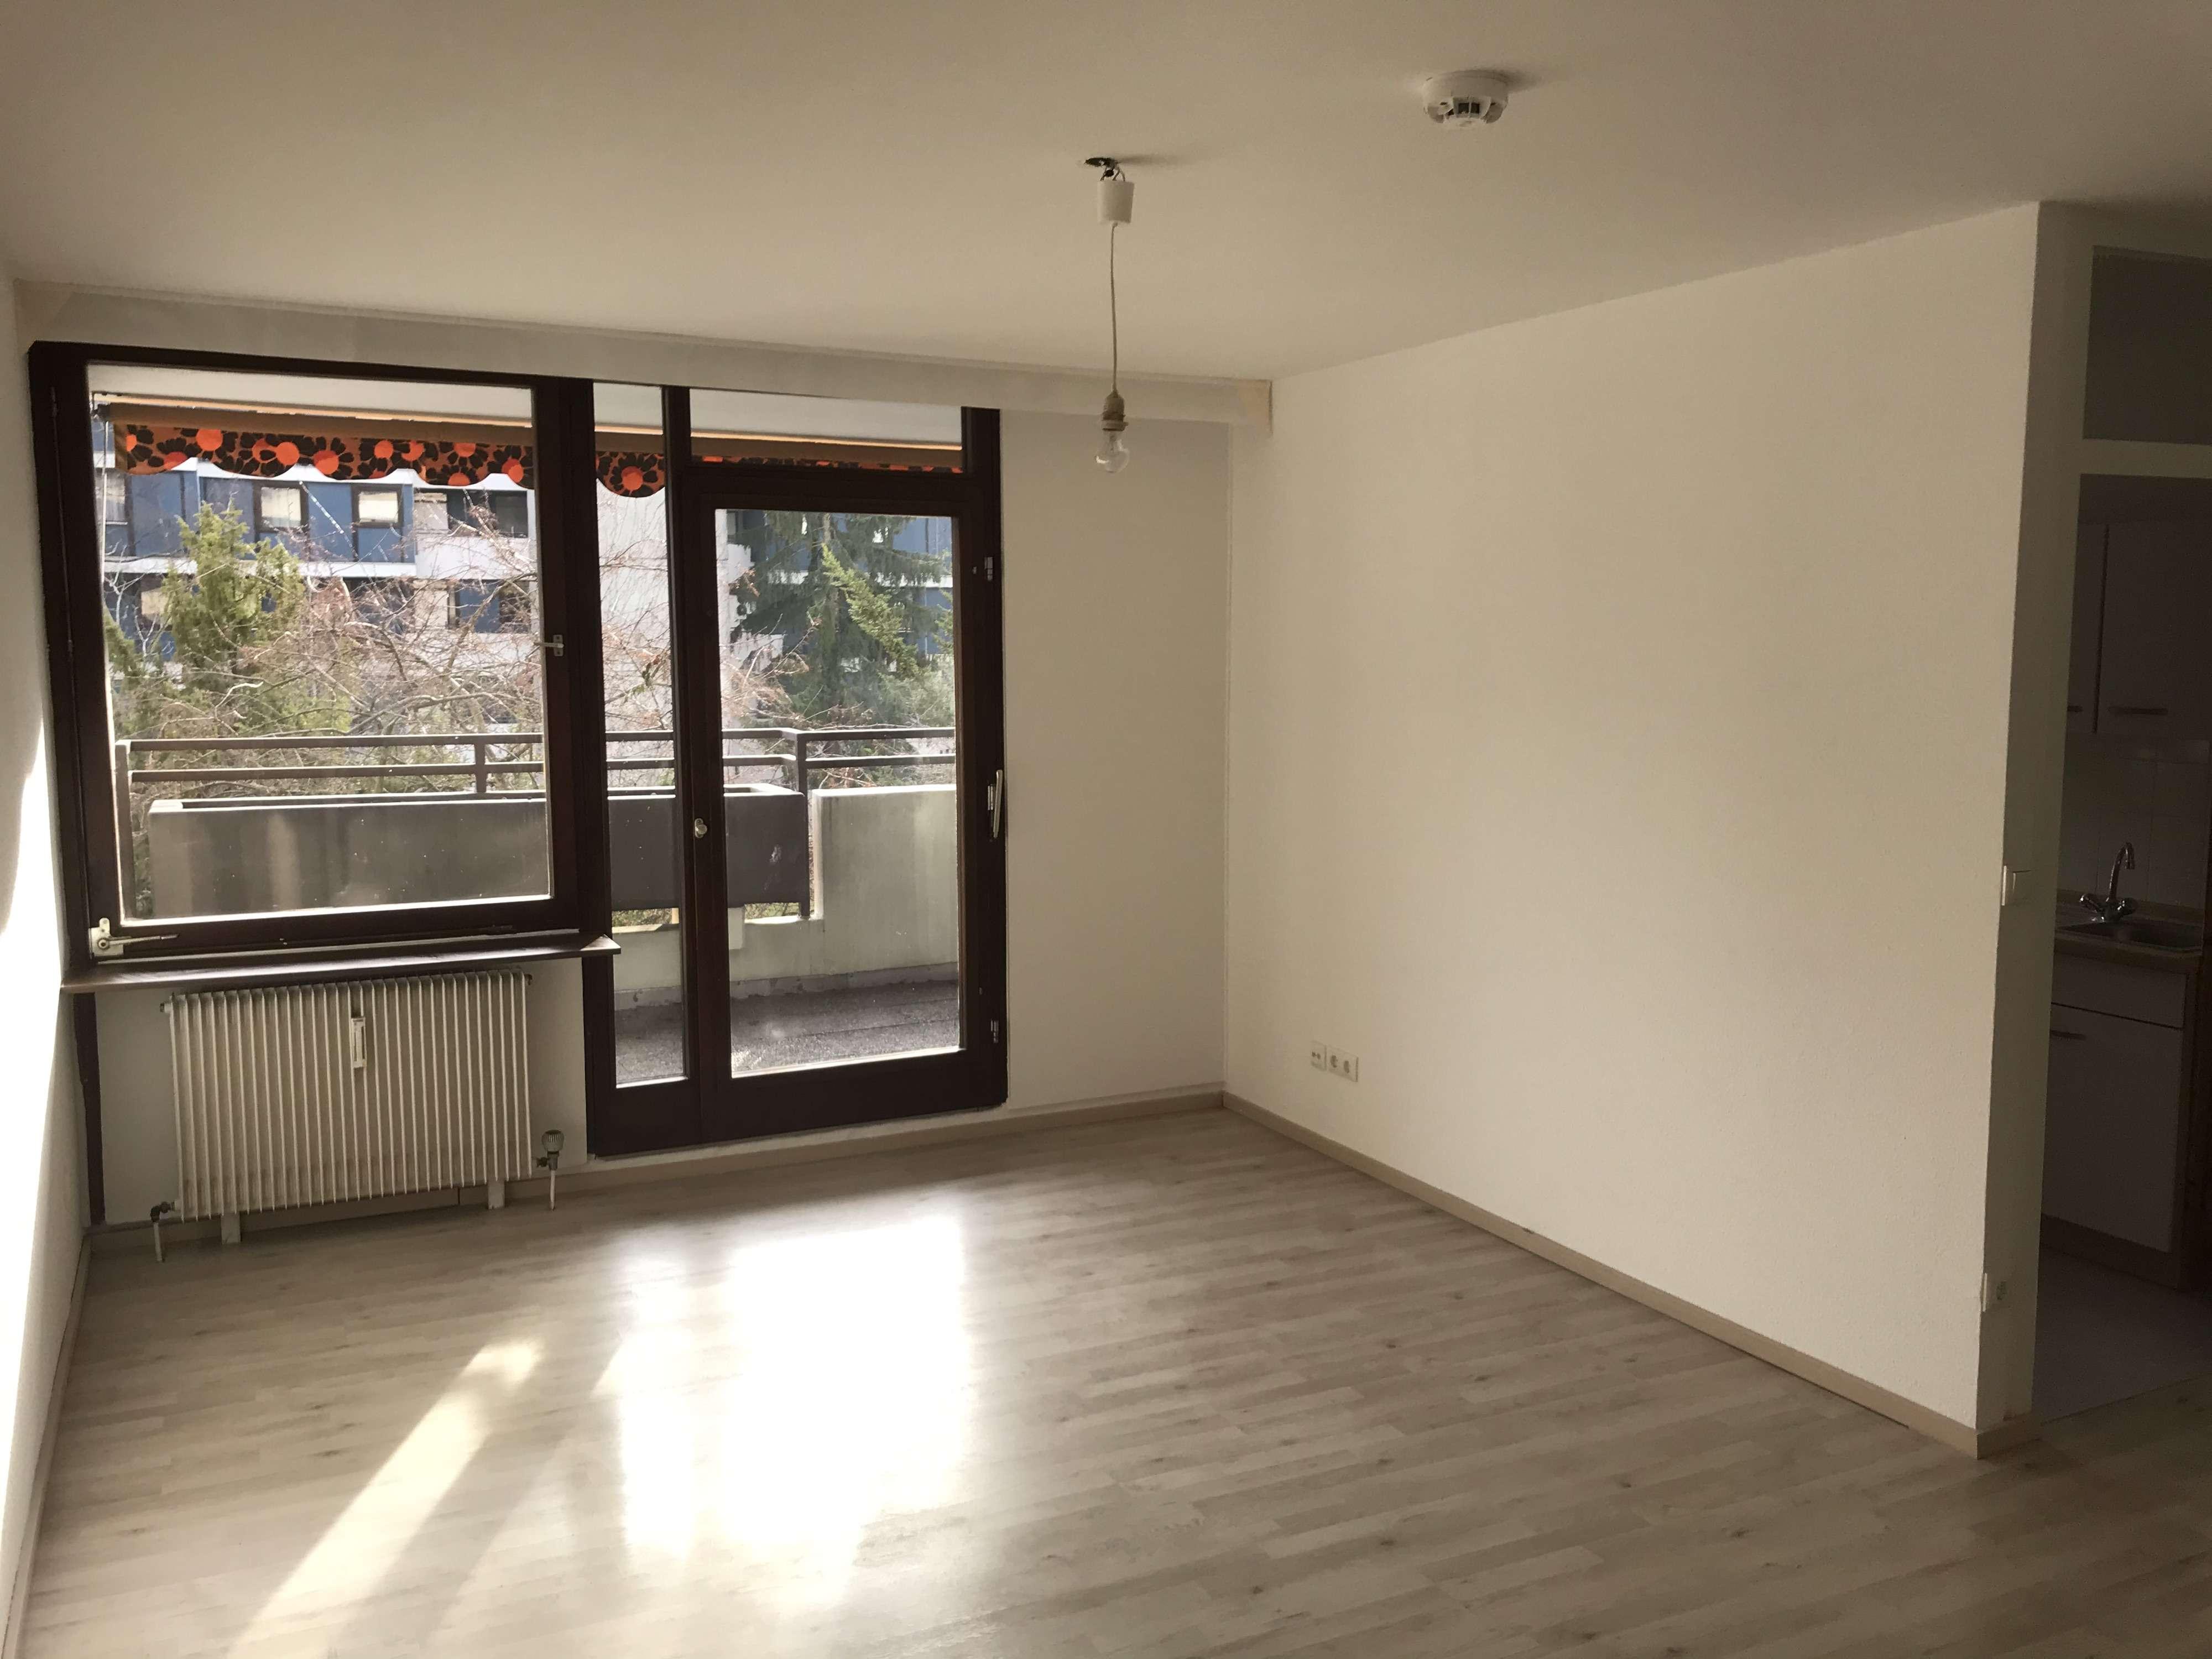 630 €, 62 m², 2 Zimmer in Langwasser Nordwest (Nürnberg)